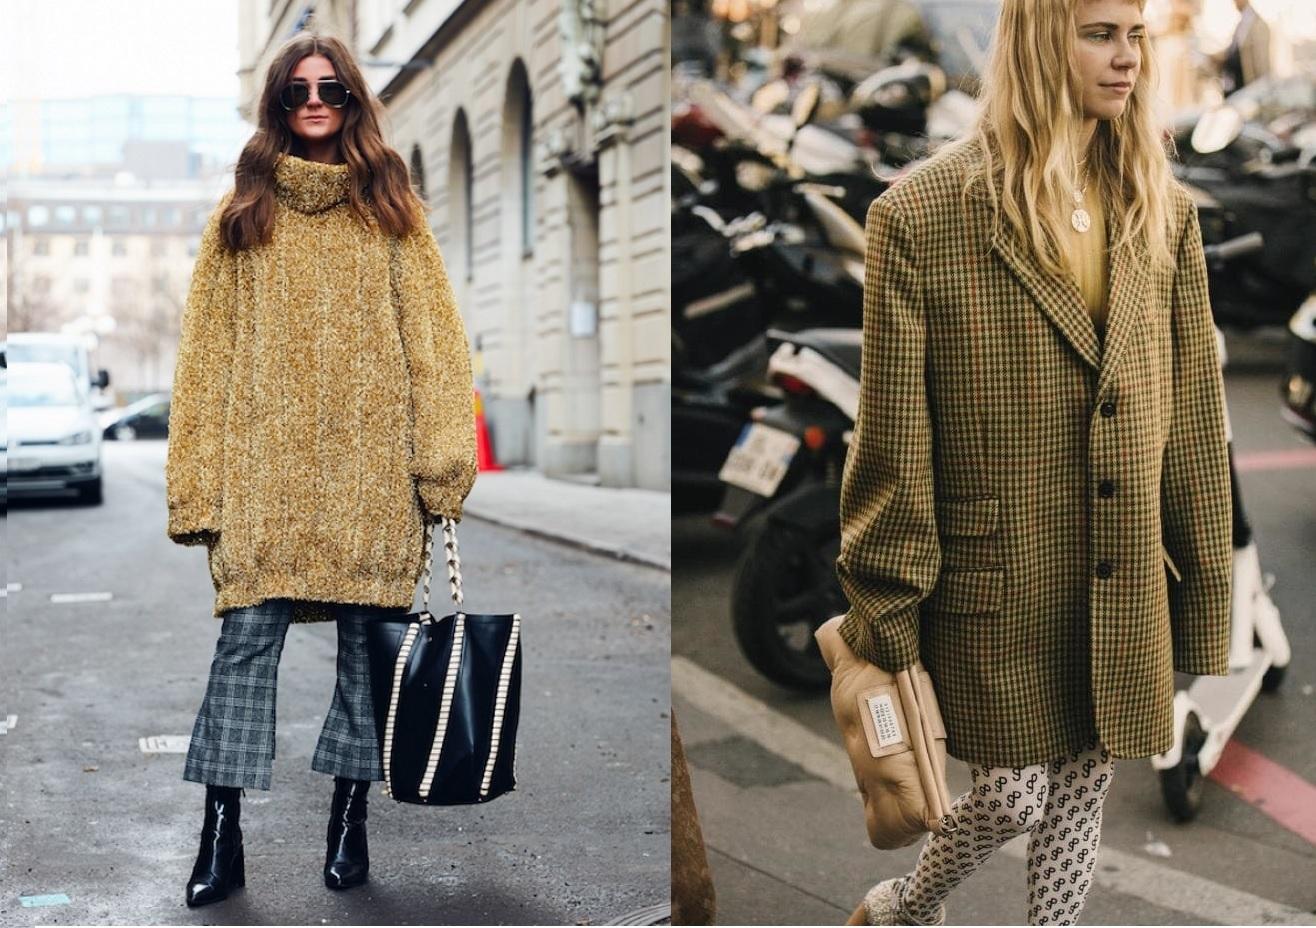 5 извечных проблем в одежде, которые знакомы всем девушкам невысокого роста